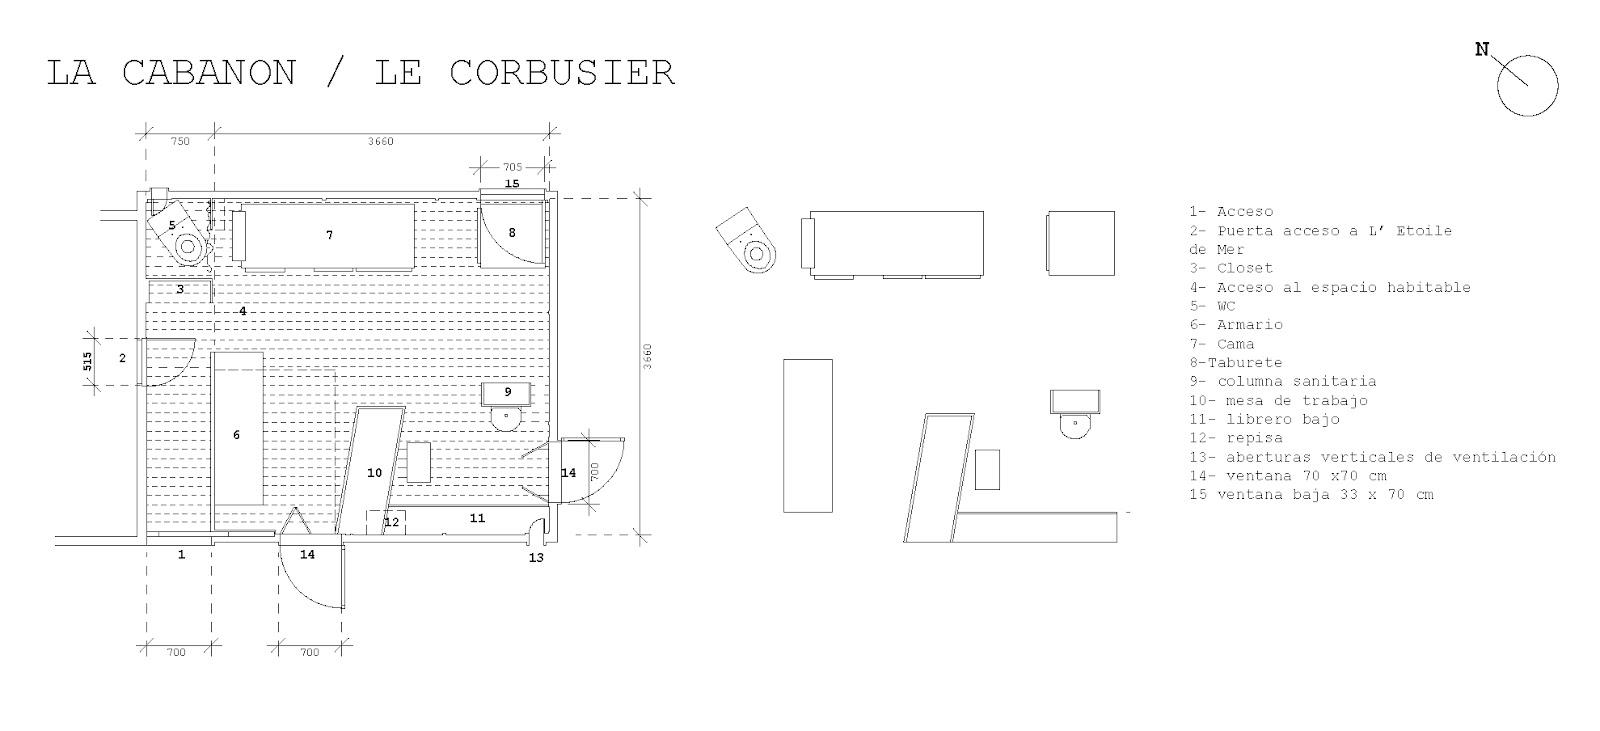 por: Anita Tobar R.: La Cabanon- Le Corbusier - Cabanon Le Corbusier